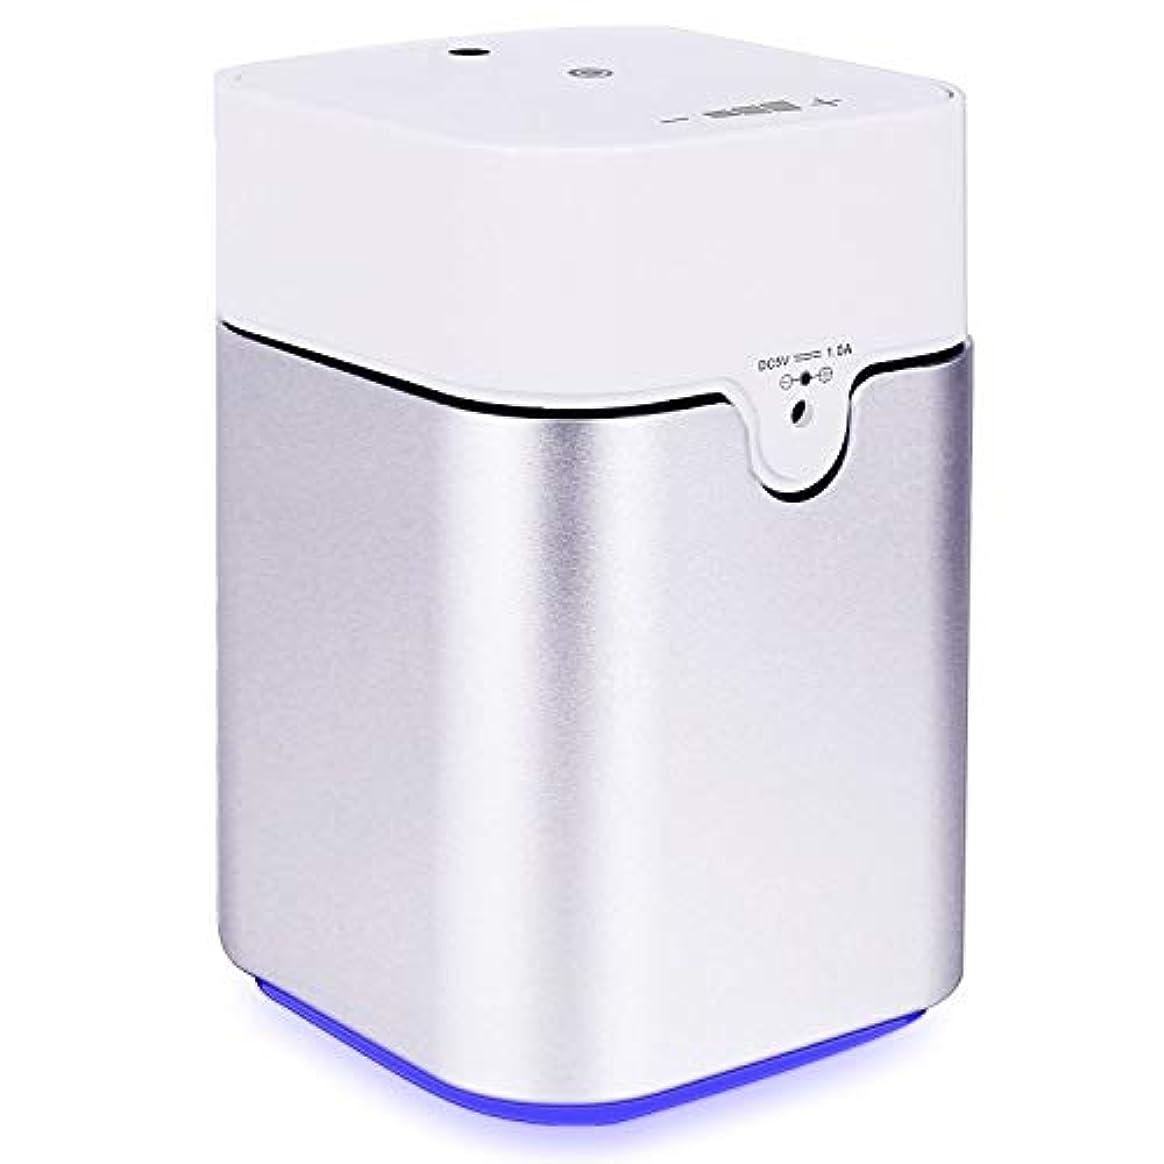 ソフィー荒らす悪性腫瘍ENERG e's Pure アロマディフューザー ヨガ室 整体院人気 タイマー機能 ネブライザー式 量調整可能 精油瓶3個付き T11-ENS082